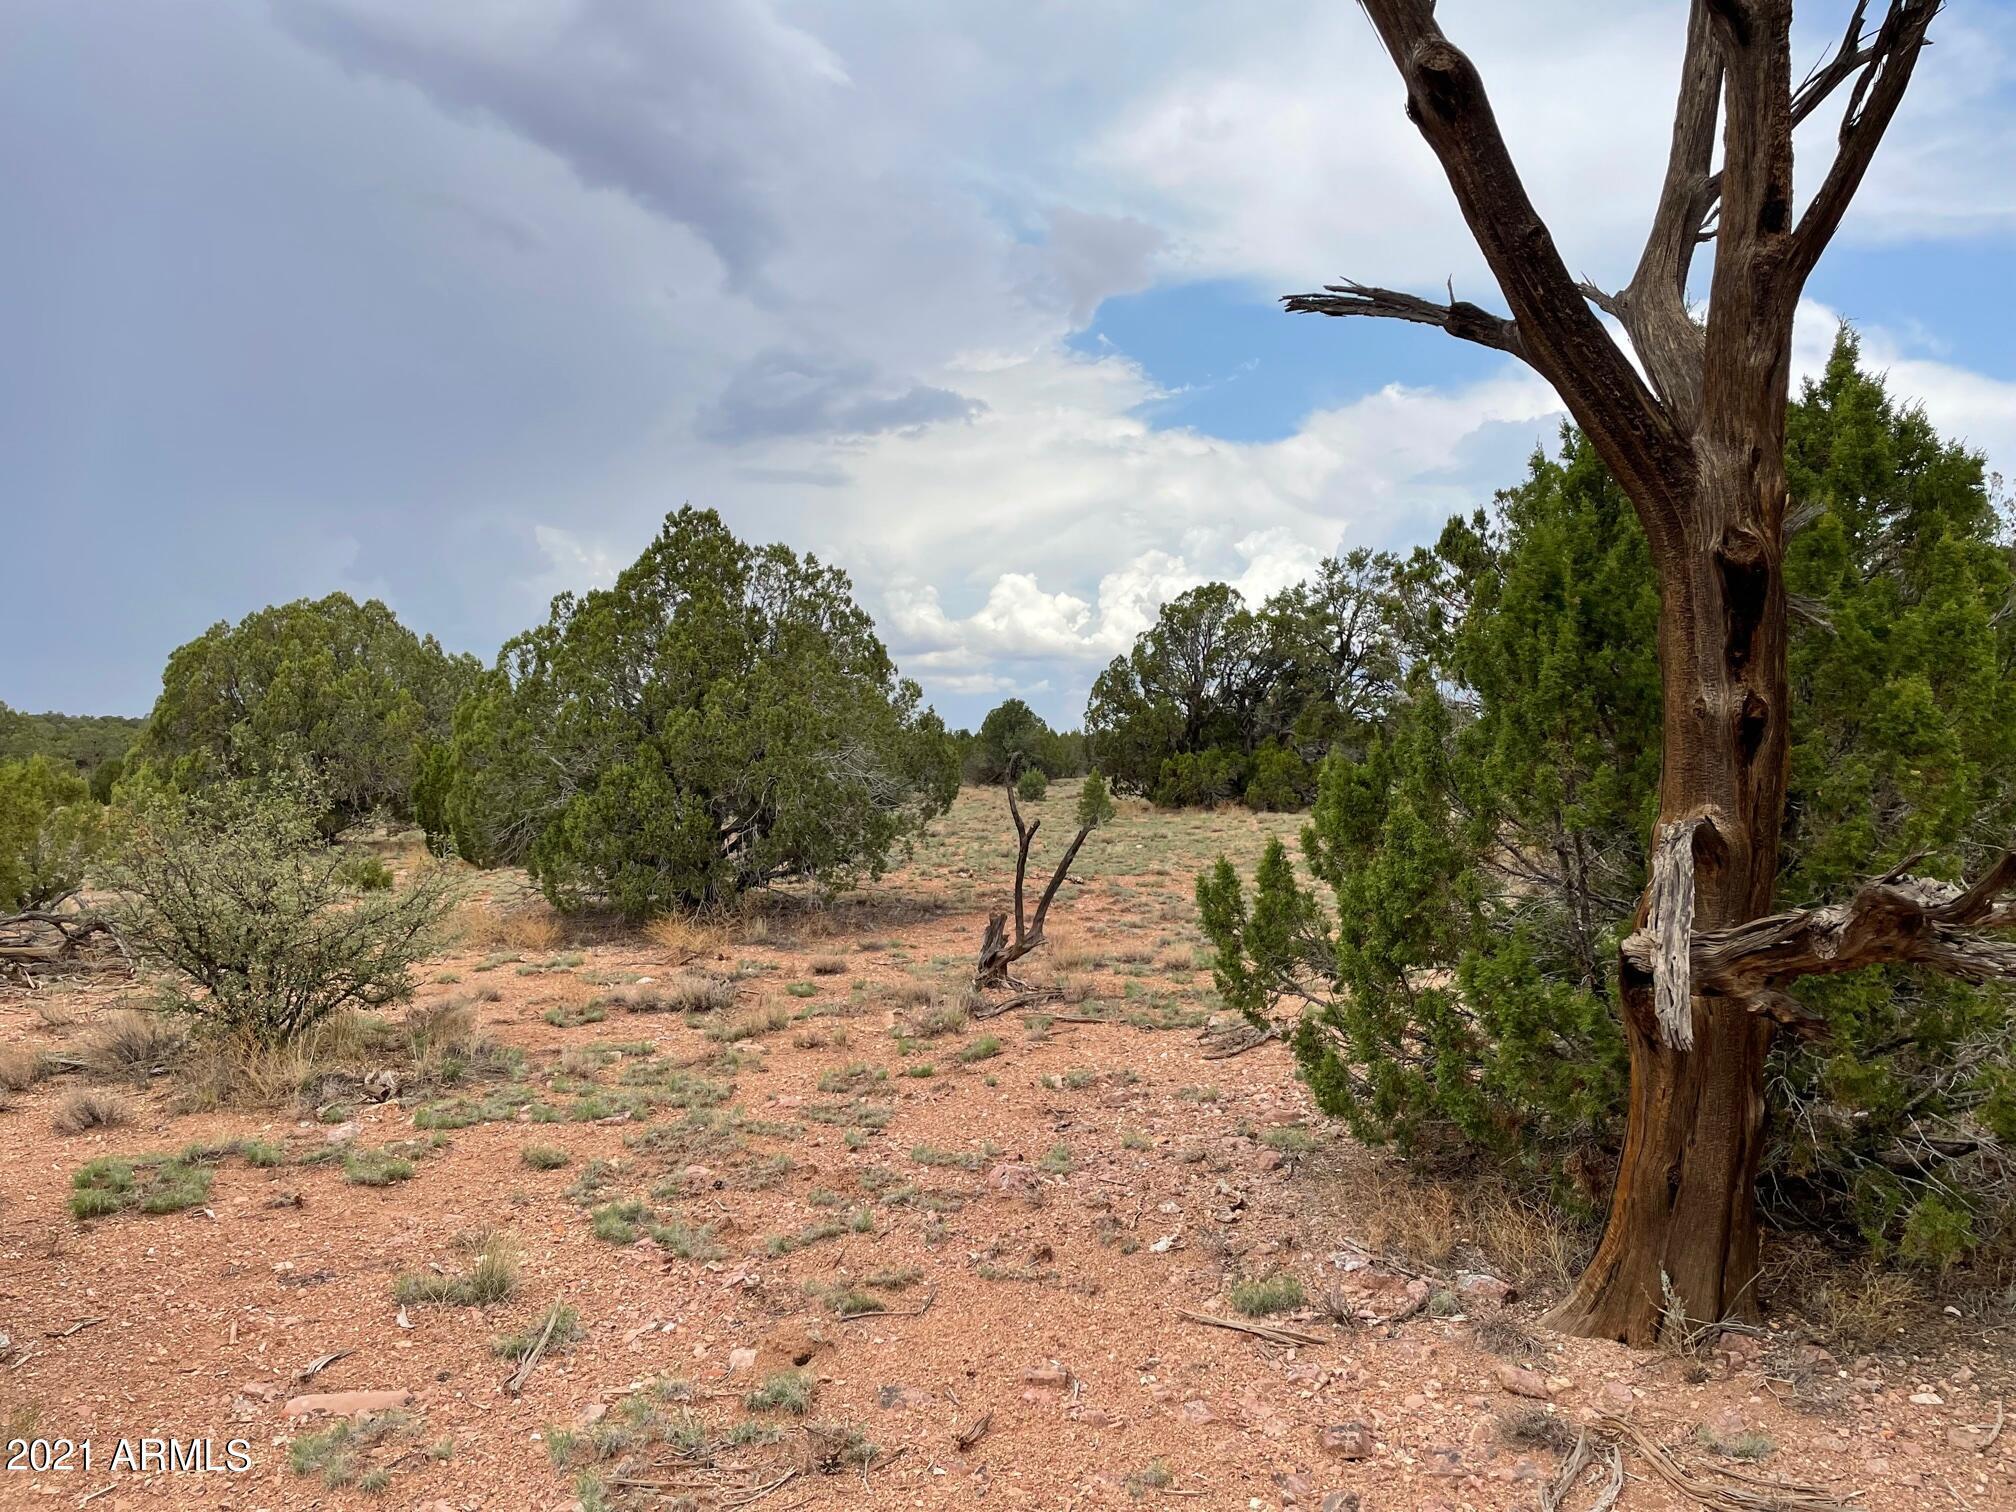 Lot 150 Antelope Run Road # 150, Peach Springs, Arizona 86434, ,Land,For Sale,Lot 150 Antelope Run Road # 150,6041588